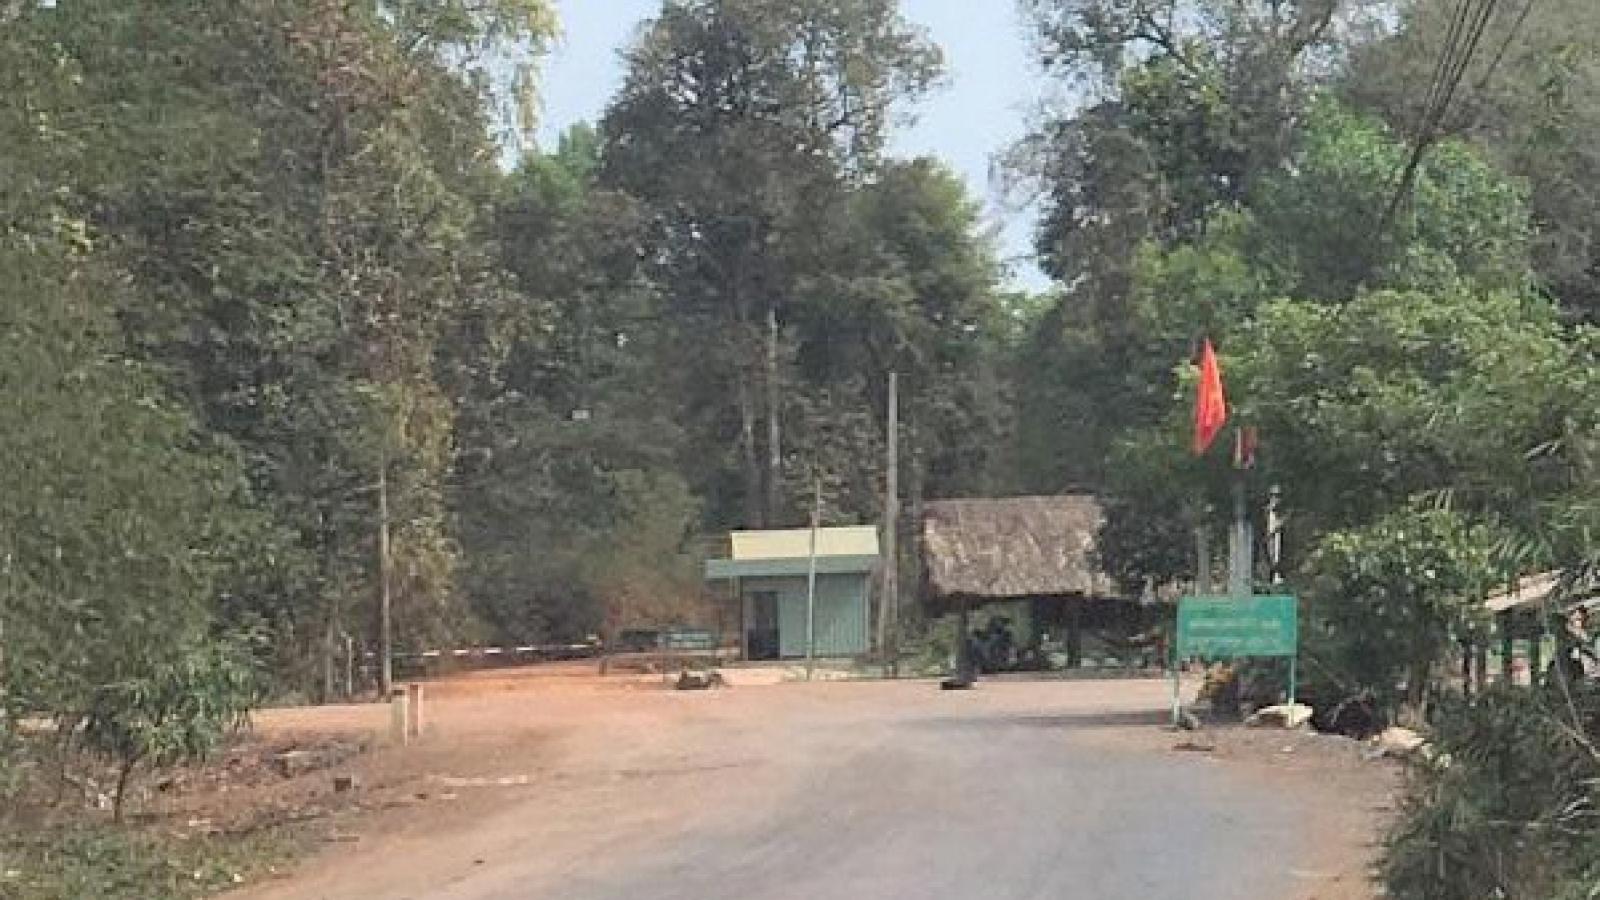 Tây Ninh đề xuất lắp camera dọc cửa khẩu biên giới Campuchia